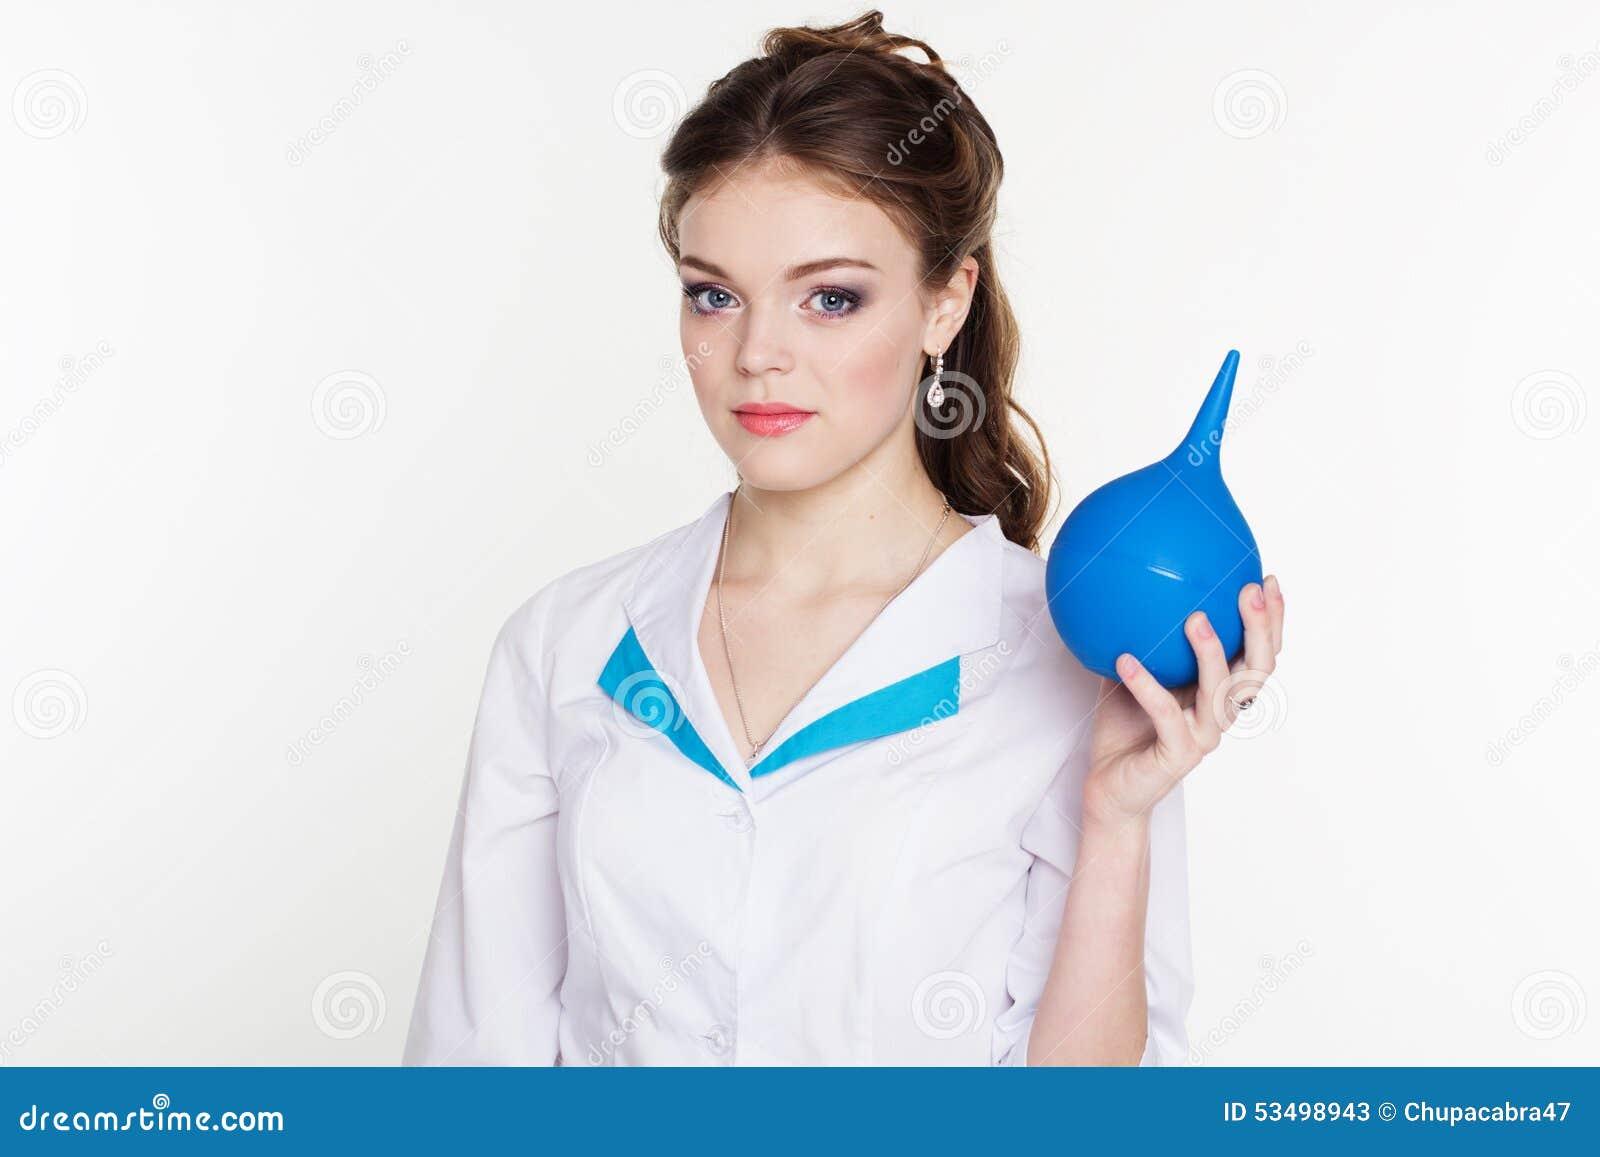 Infirmi re de jeunes avec le lavement bleu dans des mains photo stock image 53498943 - Gaufre bleu maladie femme photo ...